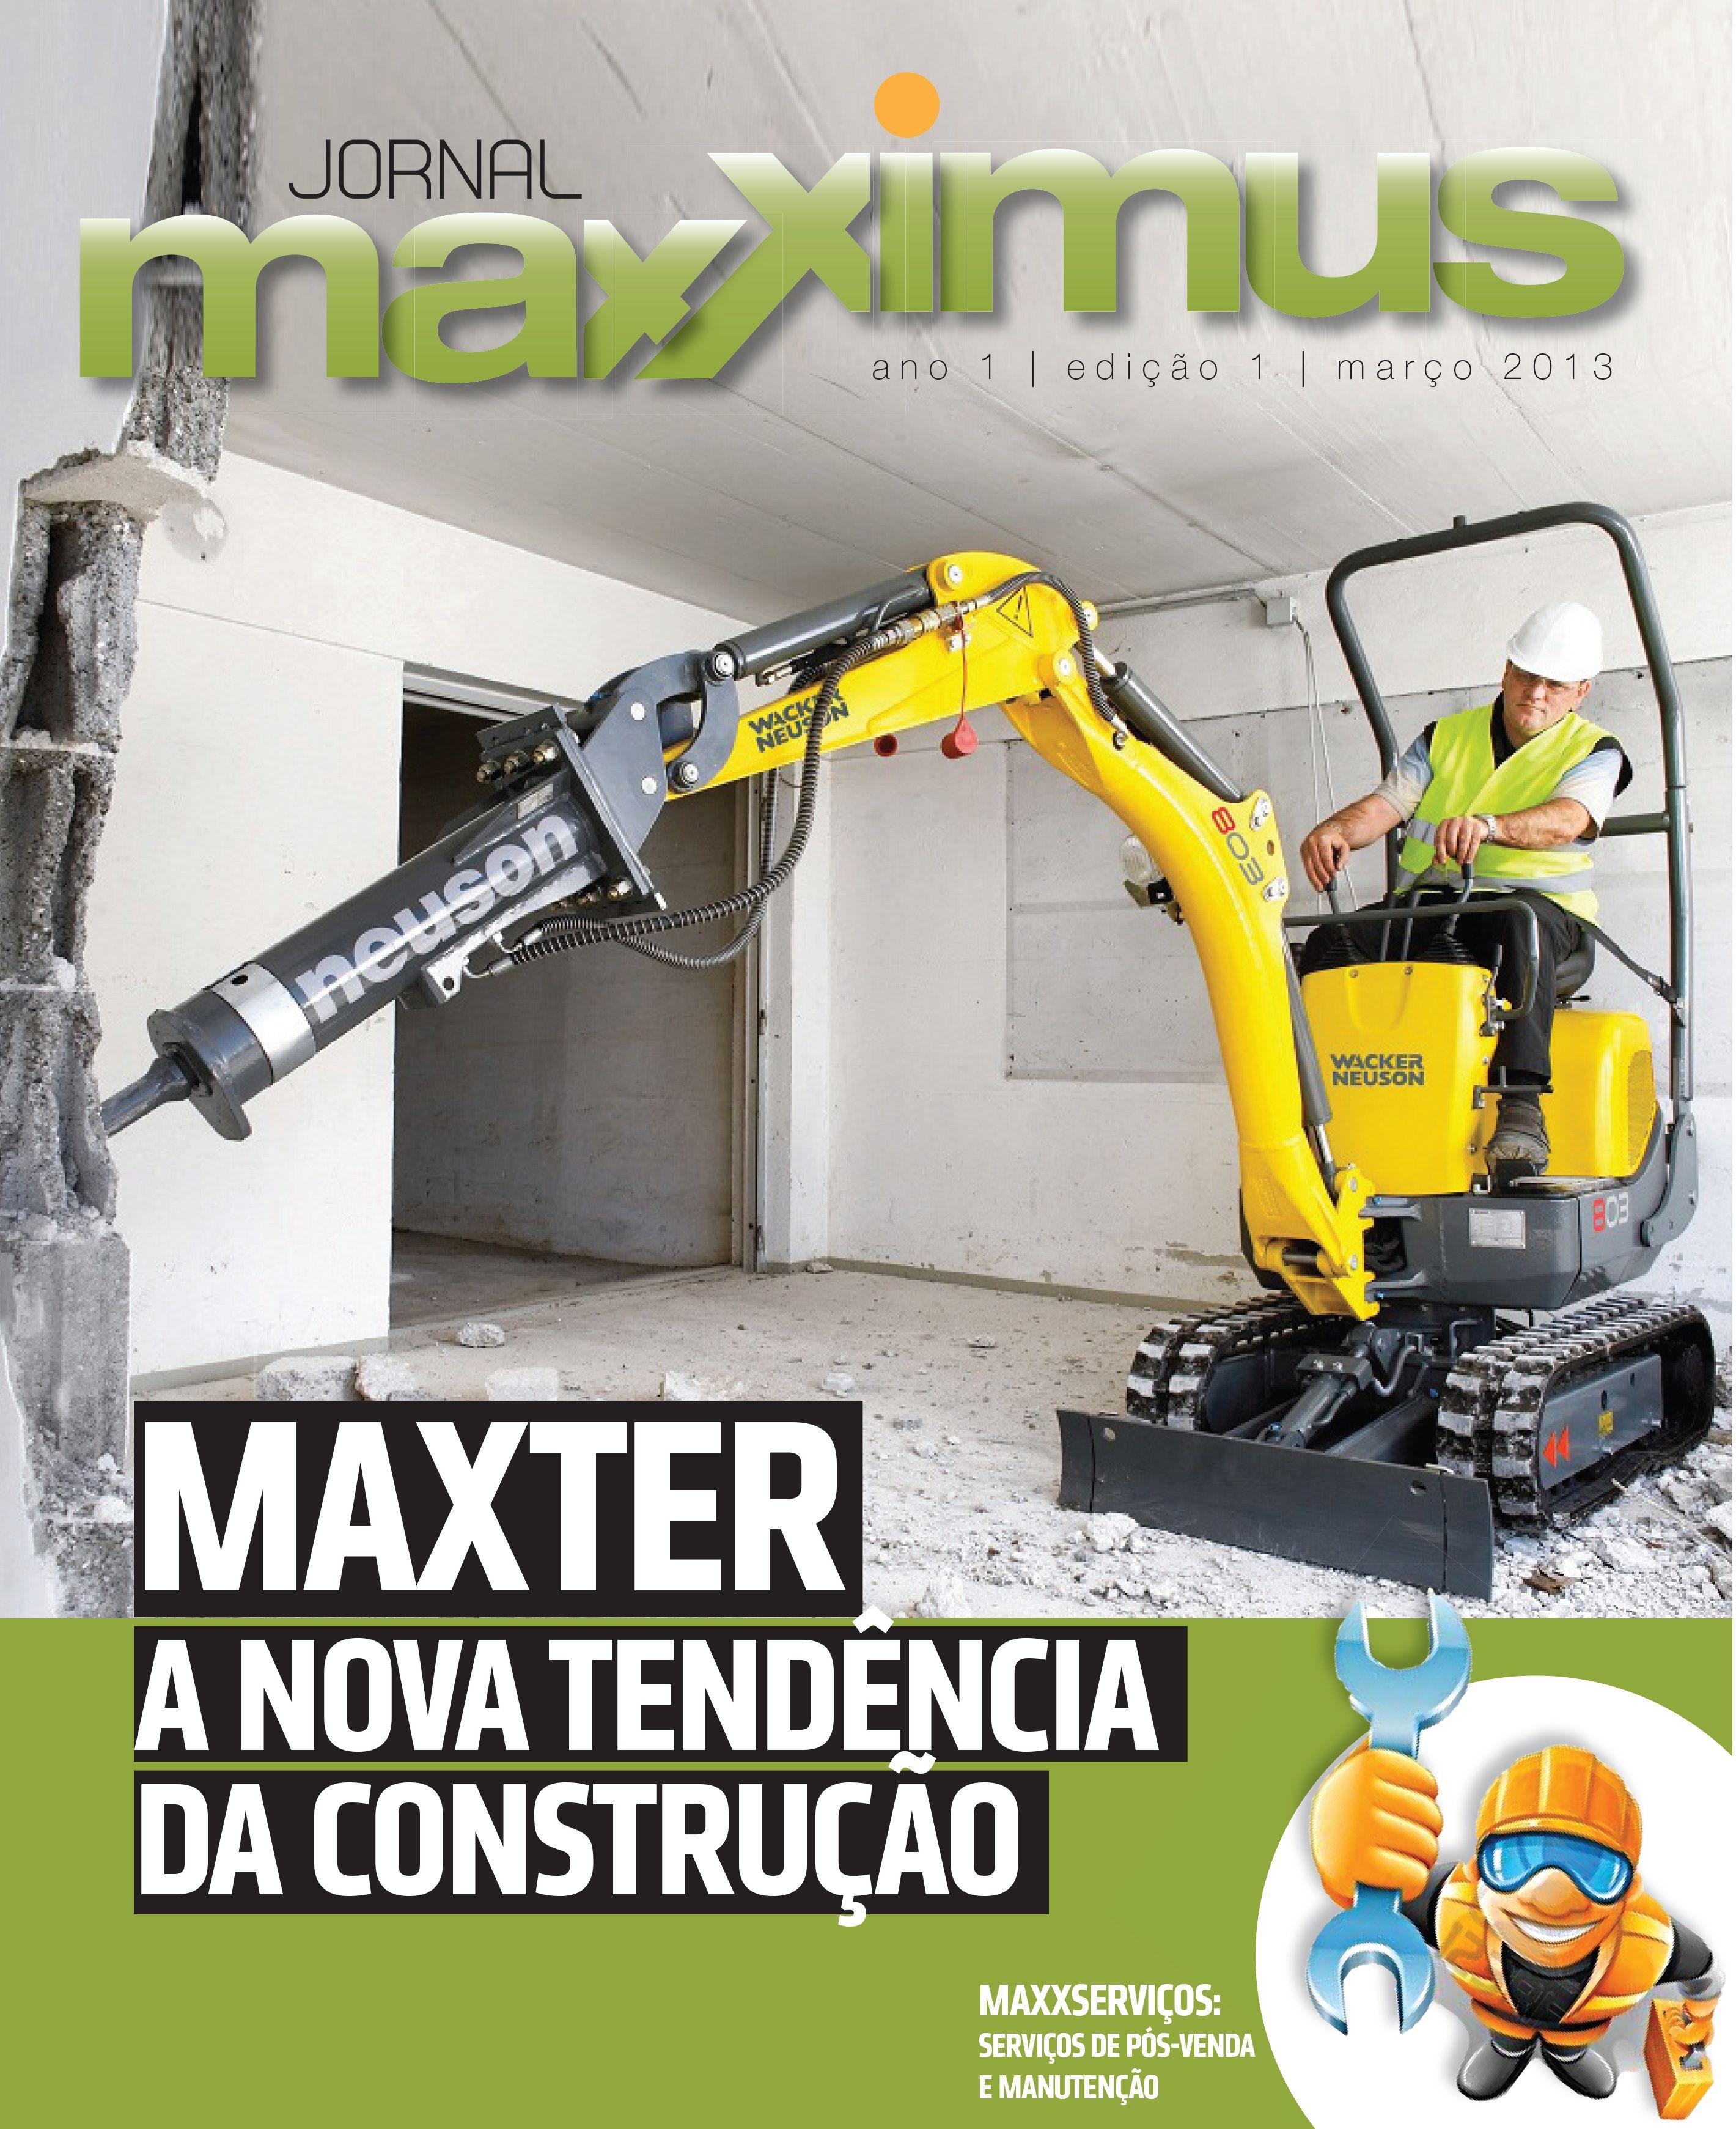 Jornal Maxximus - Cliente: Maxter